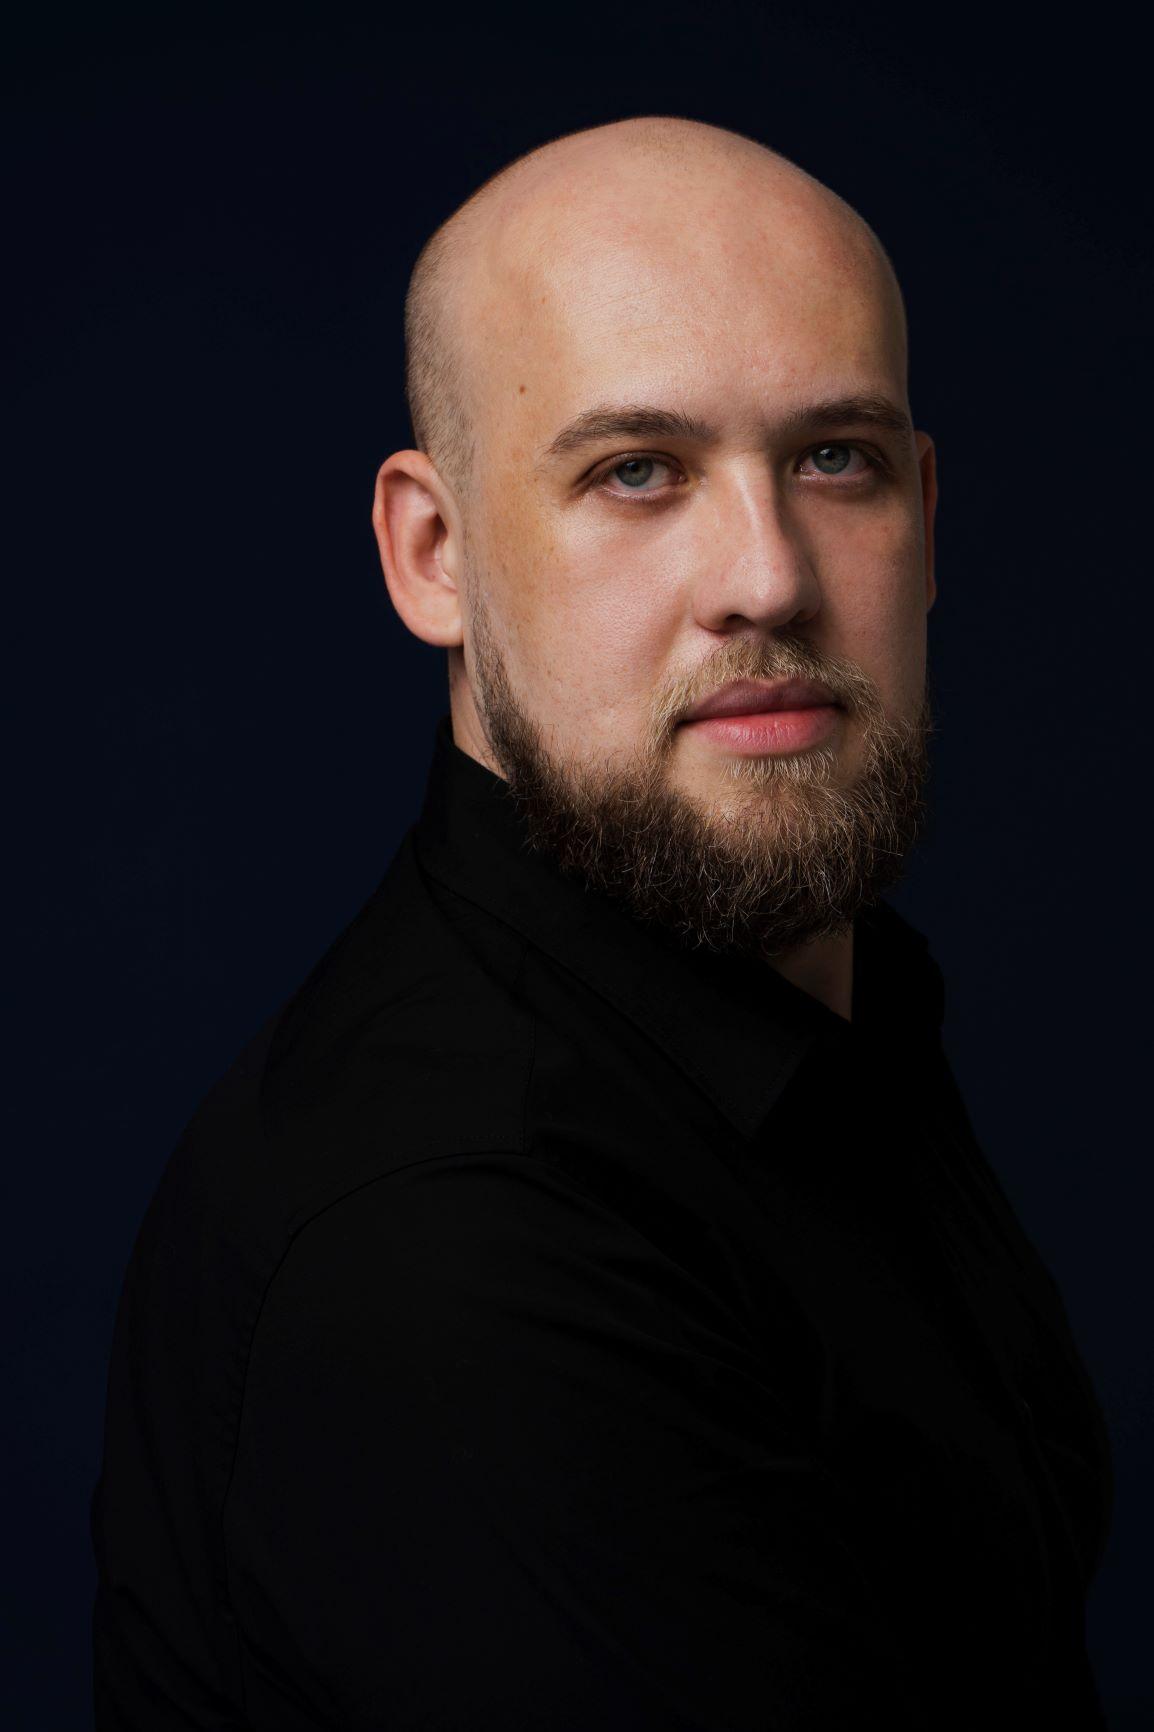 Evgeny Solodovnikov - Picture nr #8